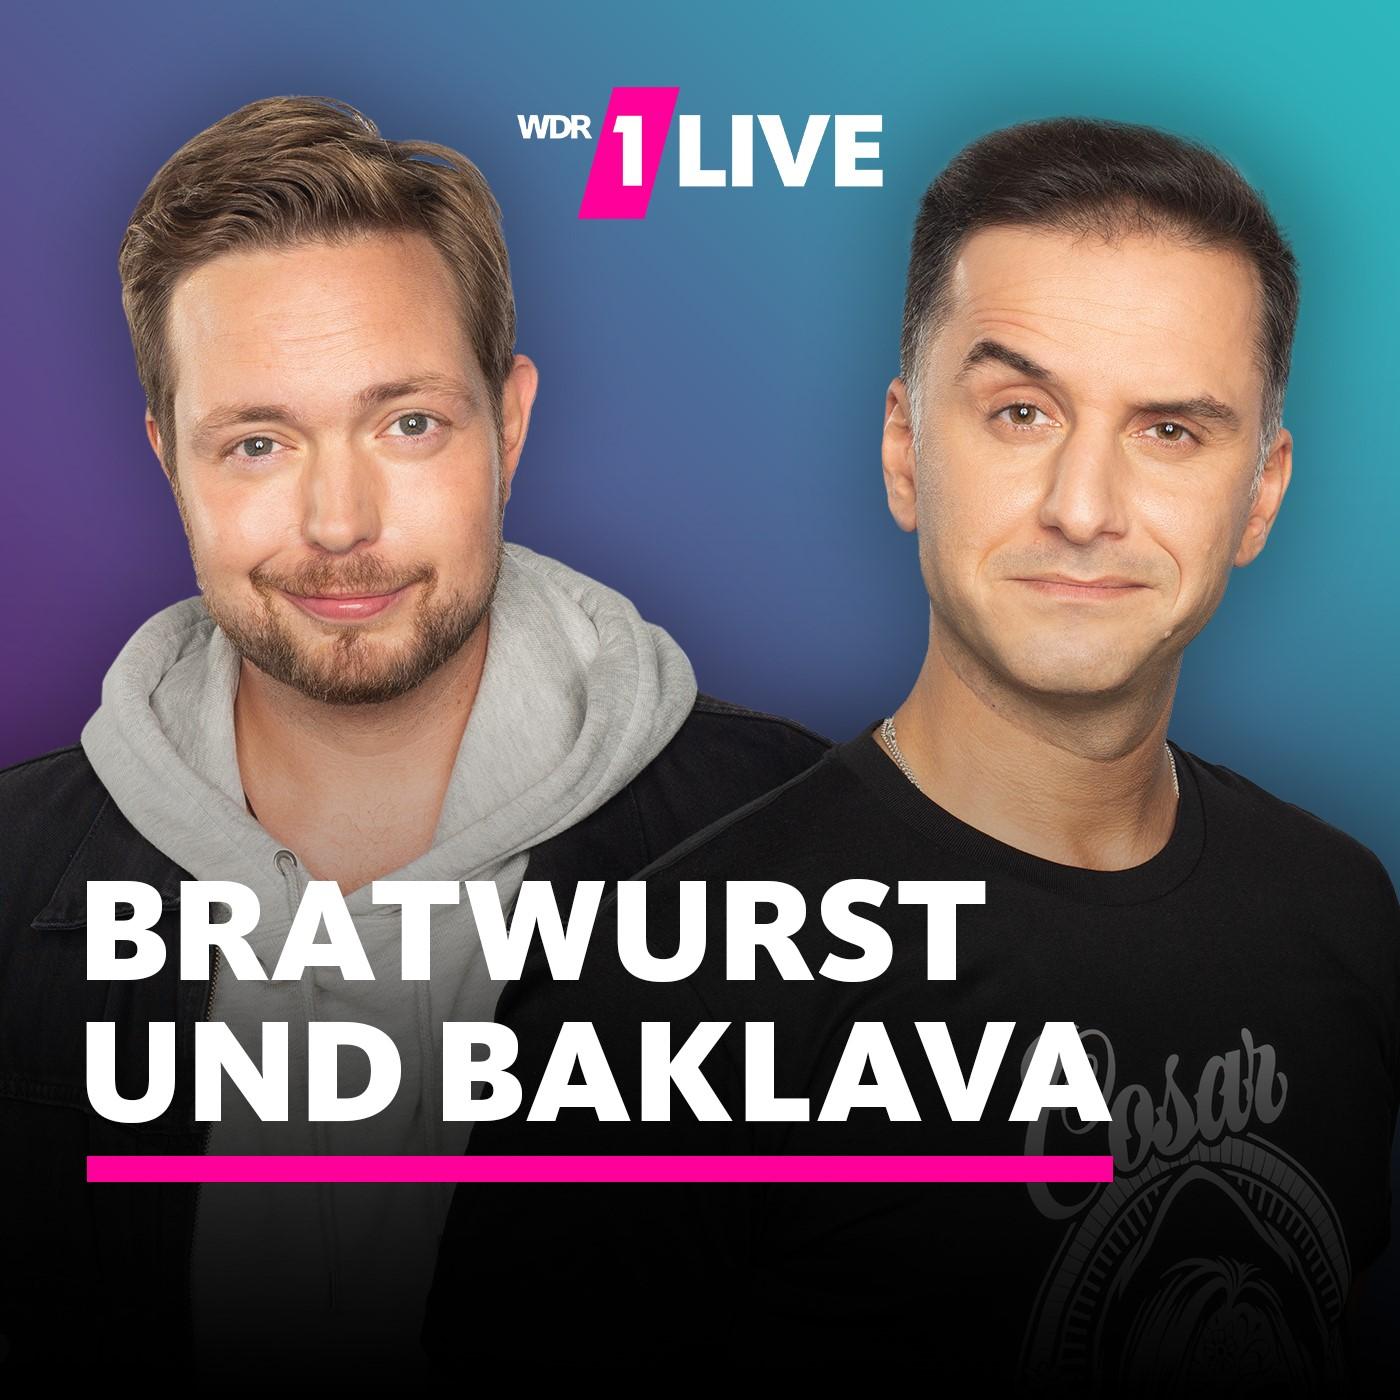 Teaser: Bratwurst und Baklava - Zwei Comedians, zwei Geschichen